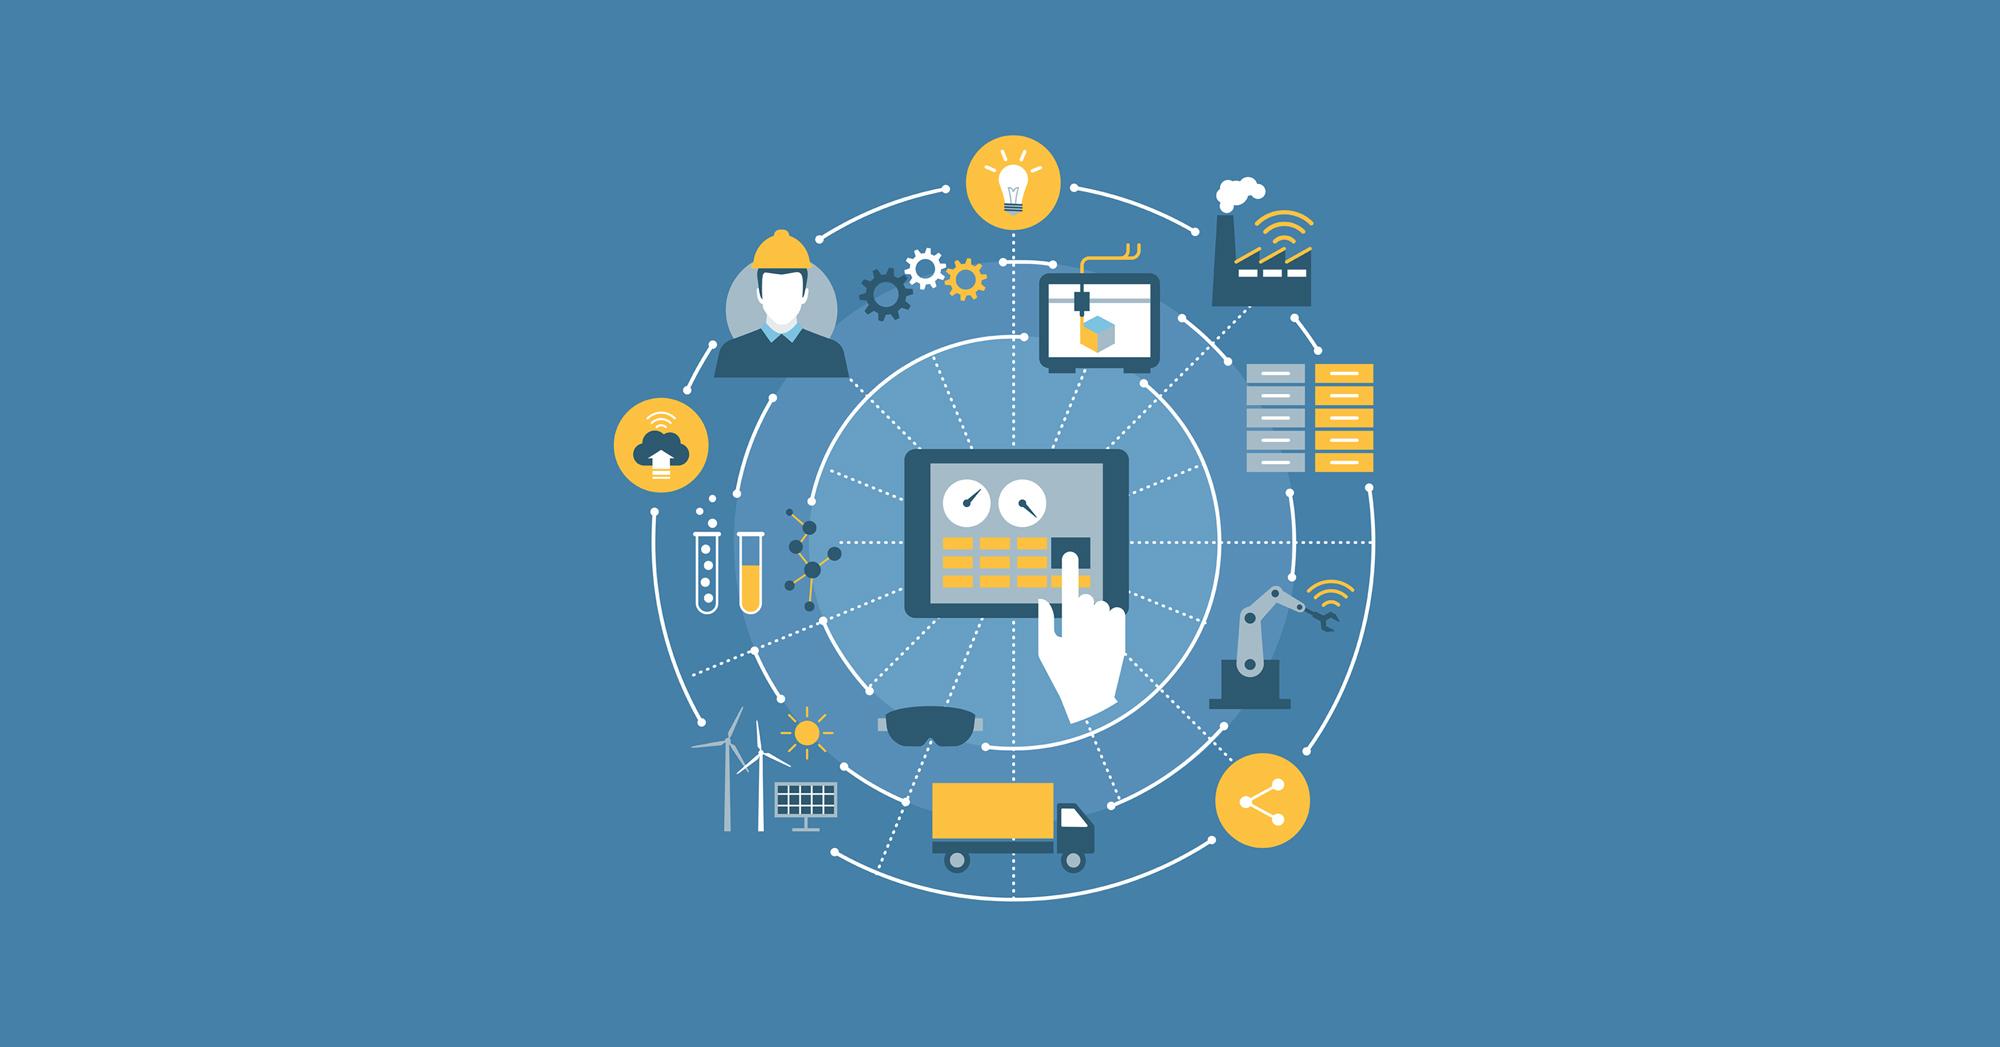 智控领域龙头,布局射频芯片,在物联网的大环境下潜力有多大